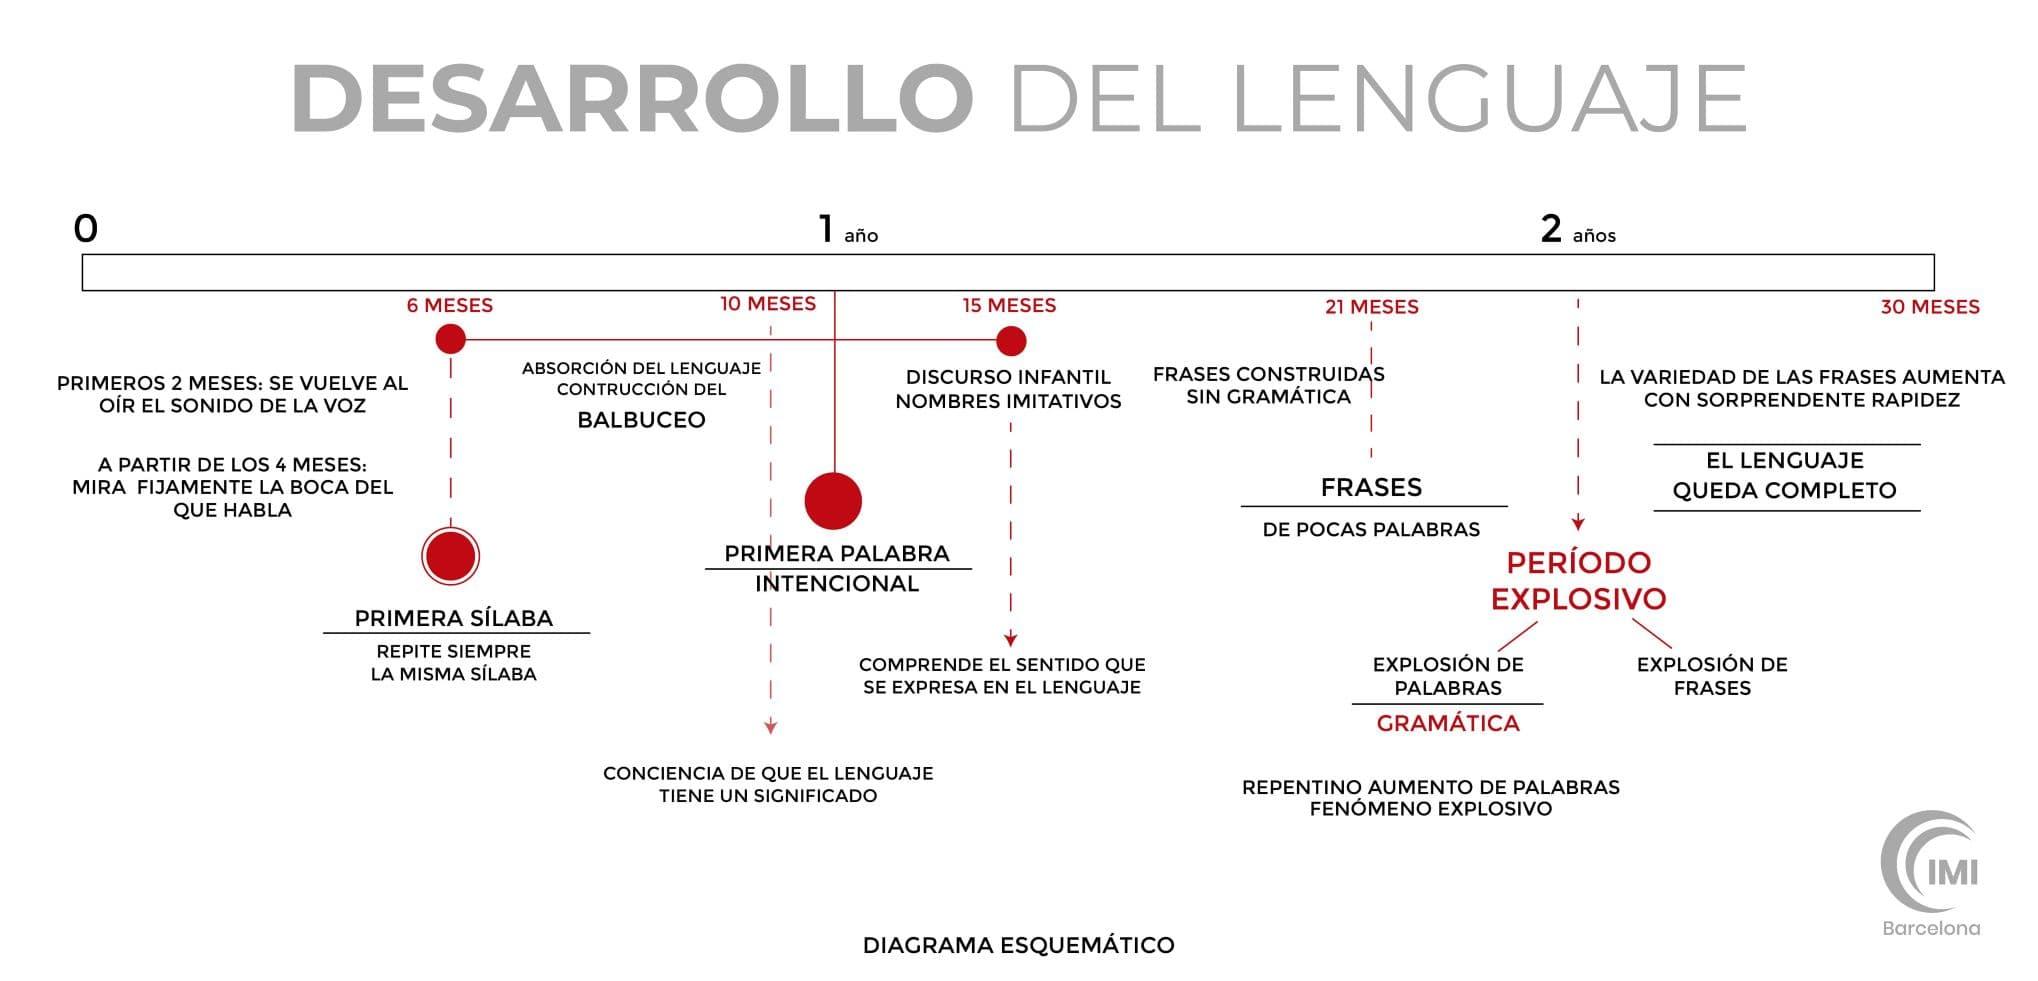 Diagrama del desarrollo del lenguaje